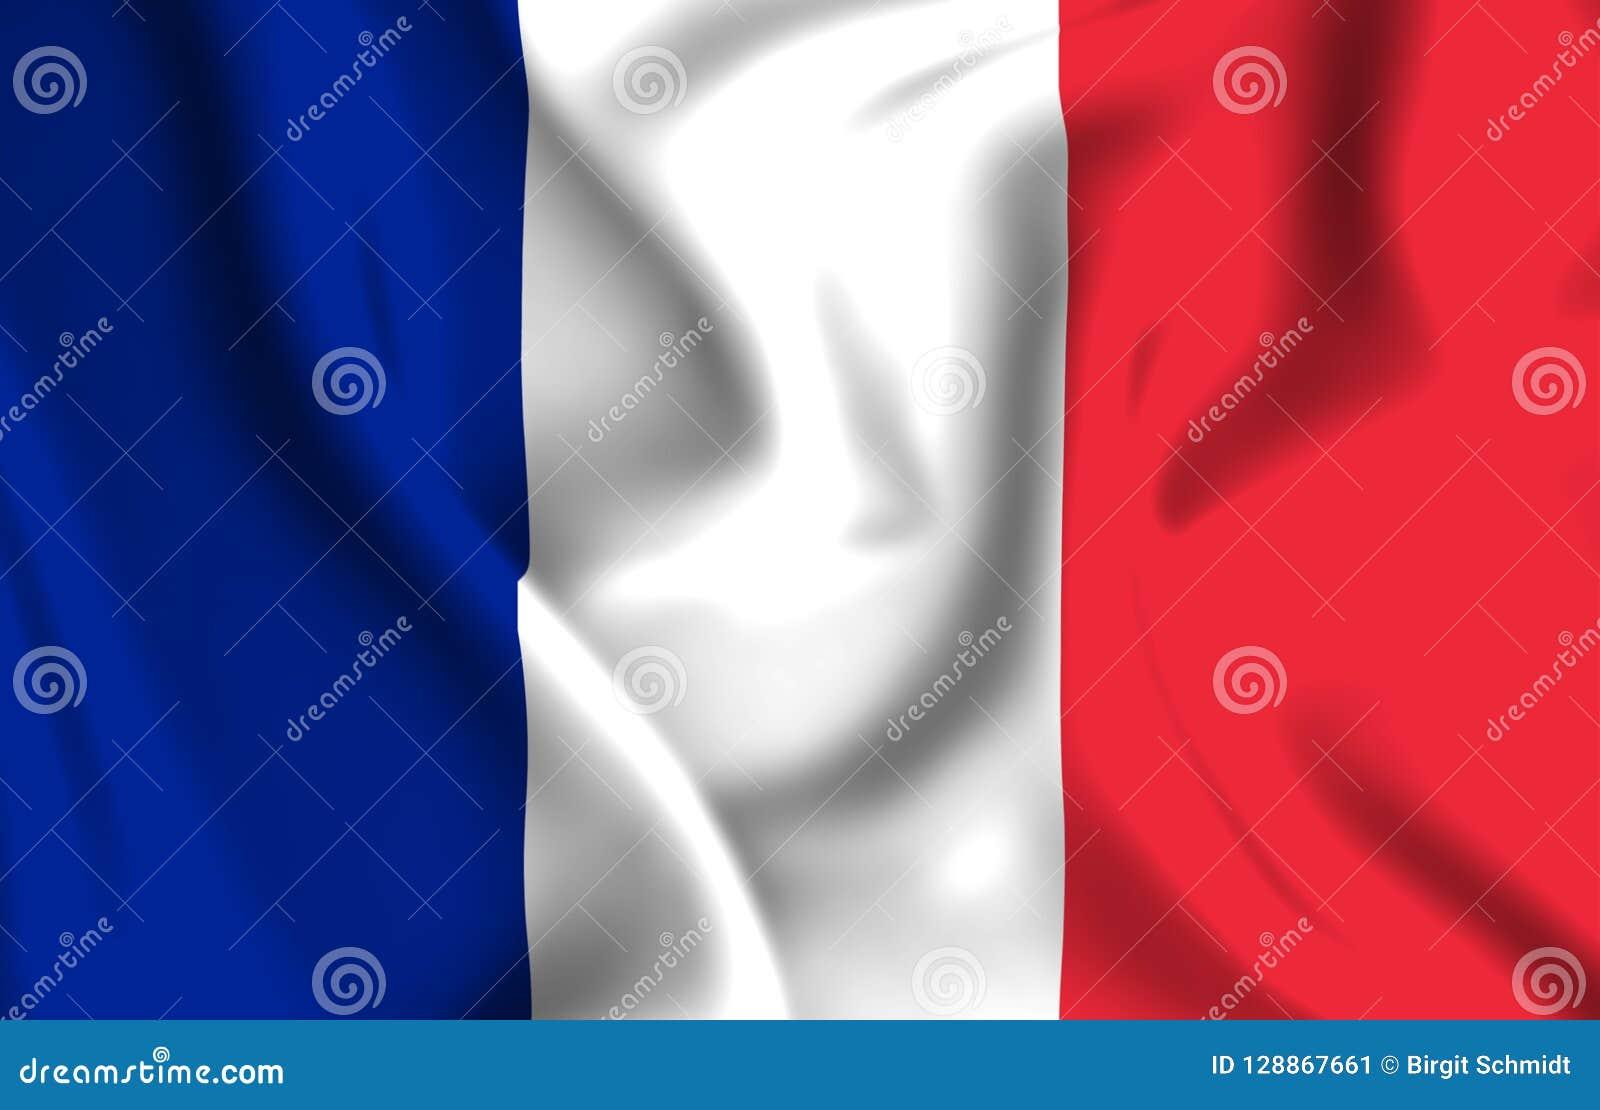 Иллюстрация флага Франции